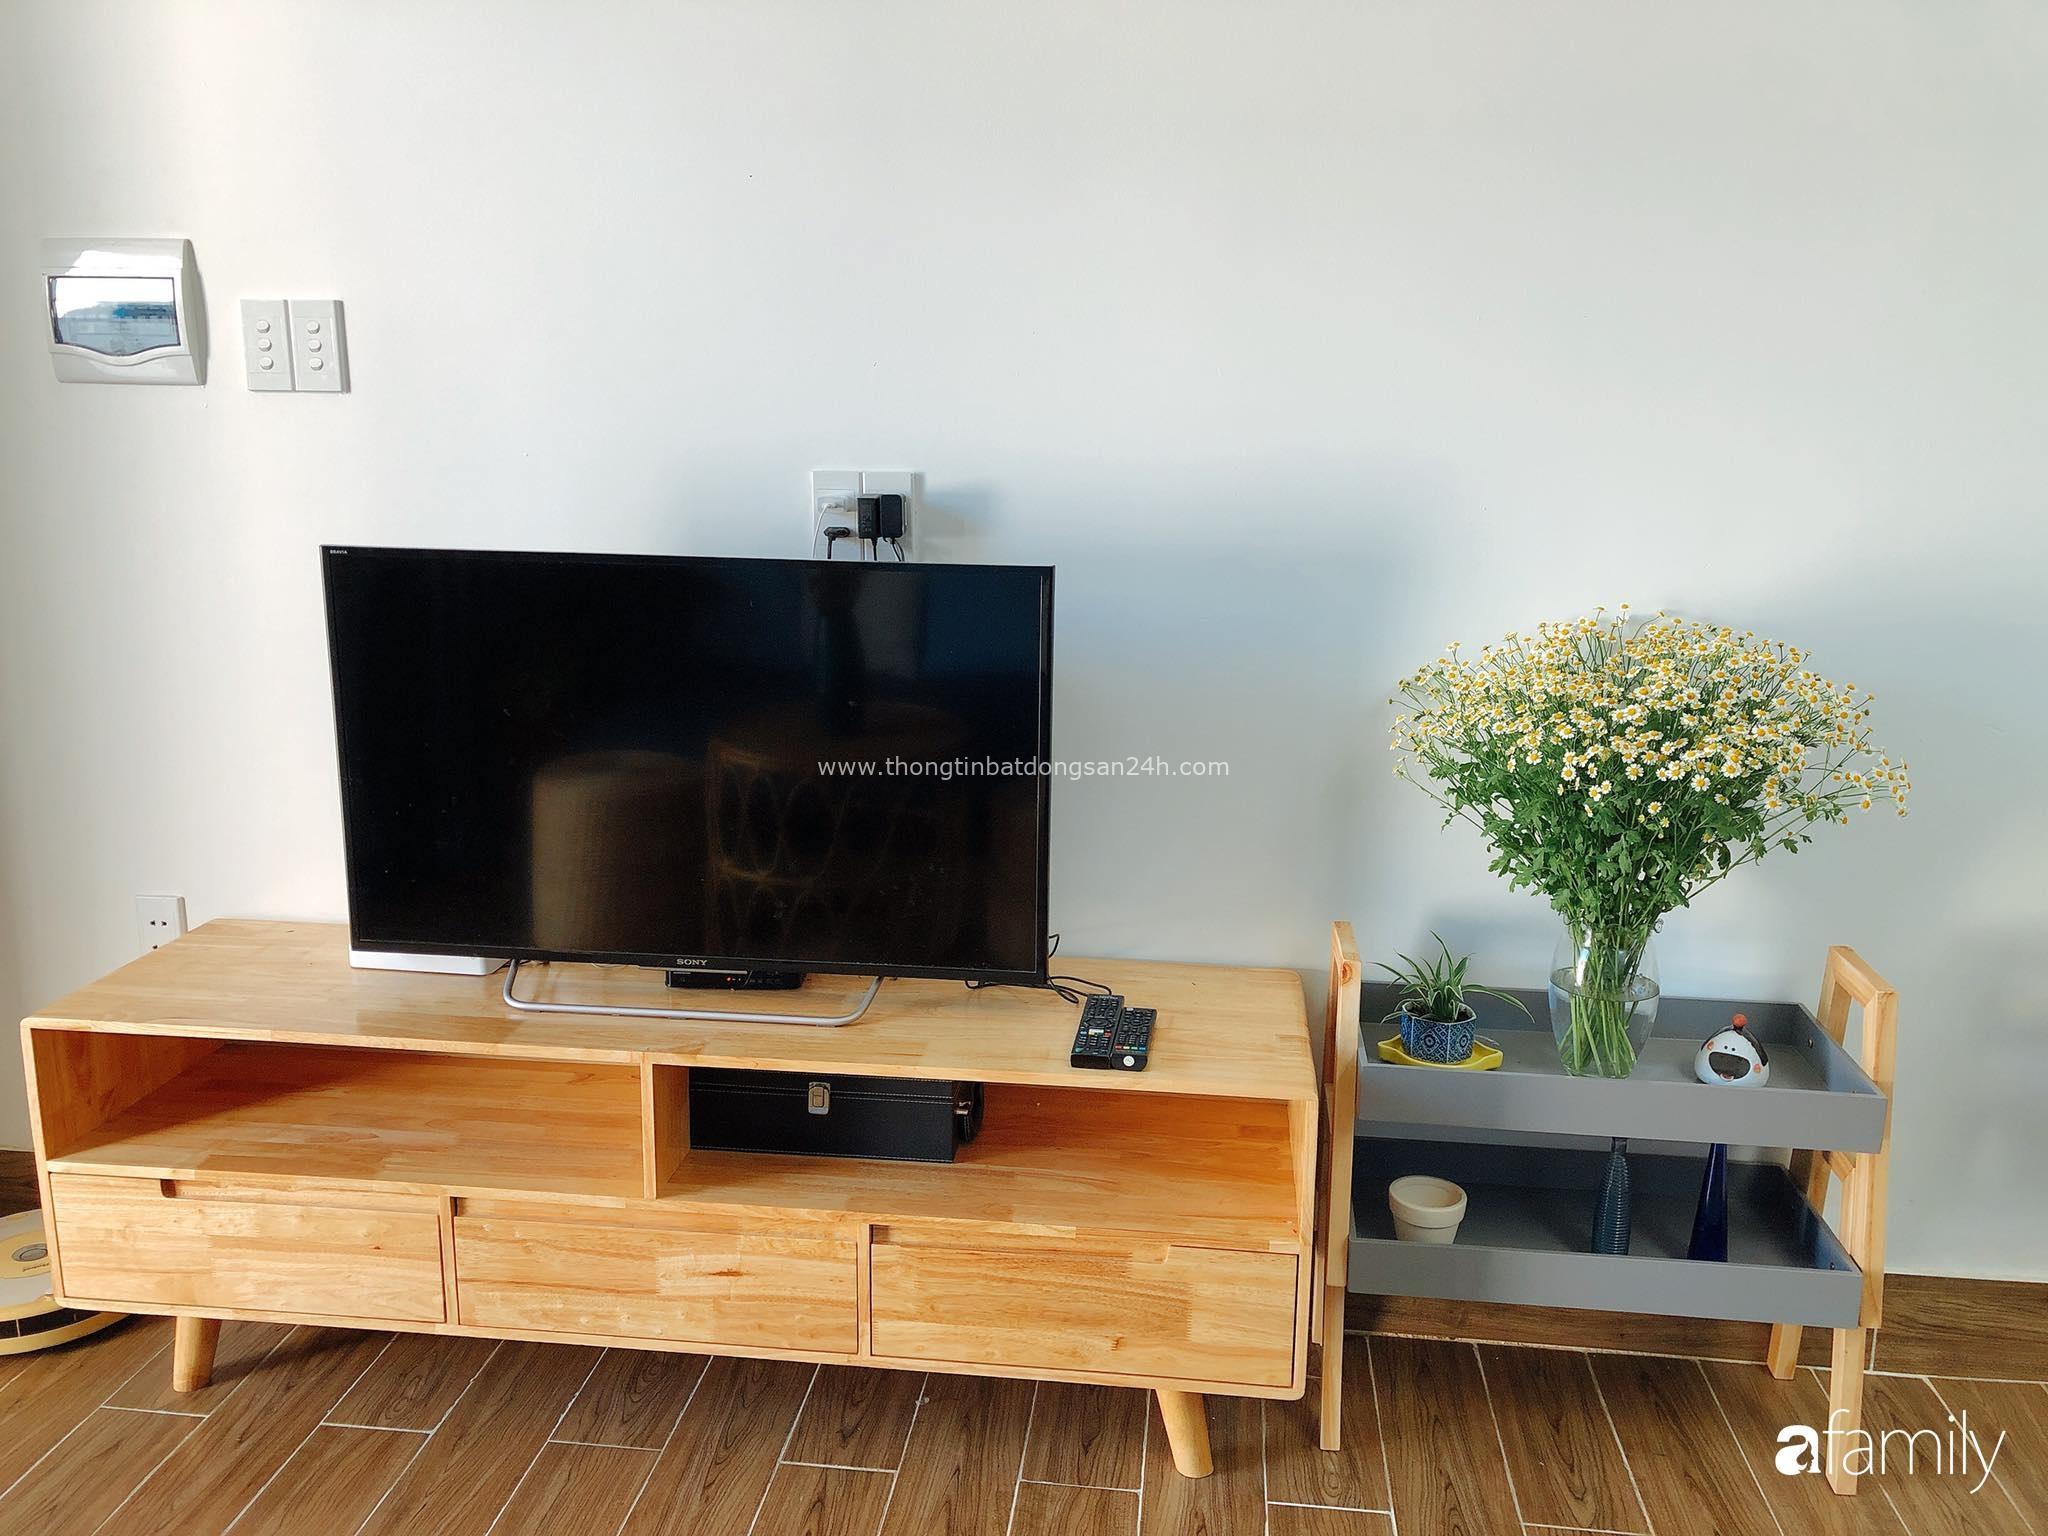 Nhà 35m² được cải tạo thành không gian sống hiện đại với ánh sáng ngập tràn cùng những chất liệu thân thiện với môi trường ở Vũng Tàu - Ảnh 9.